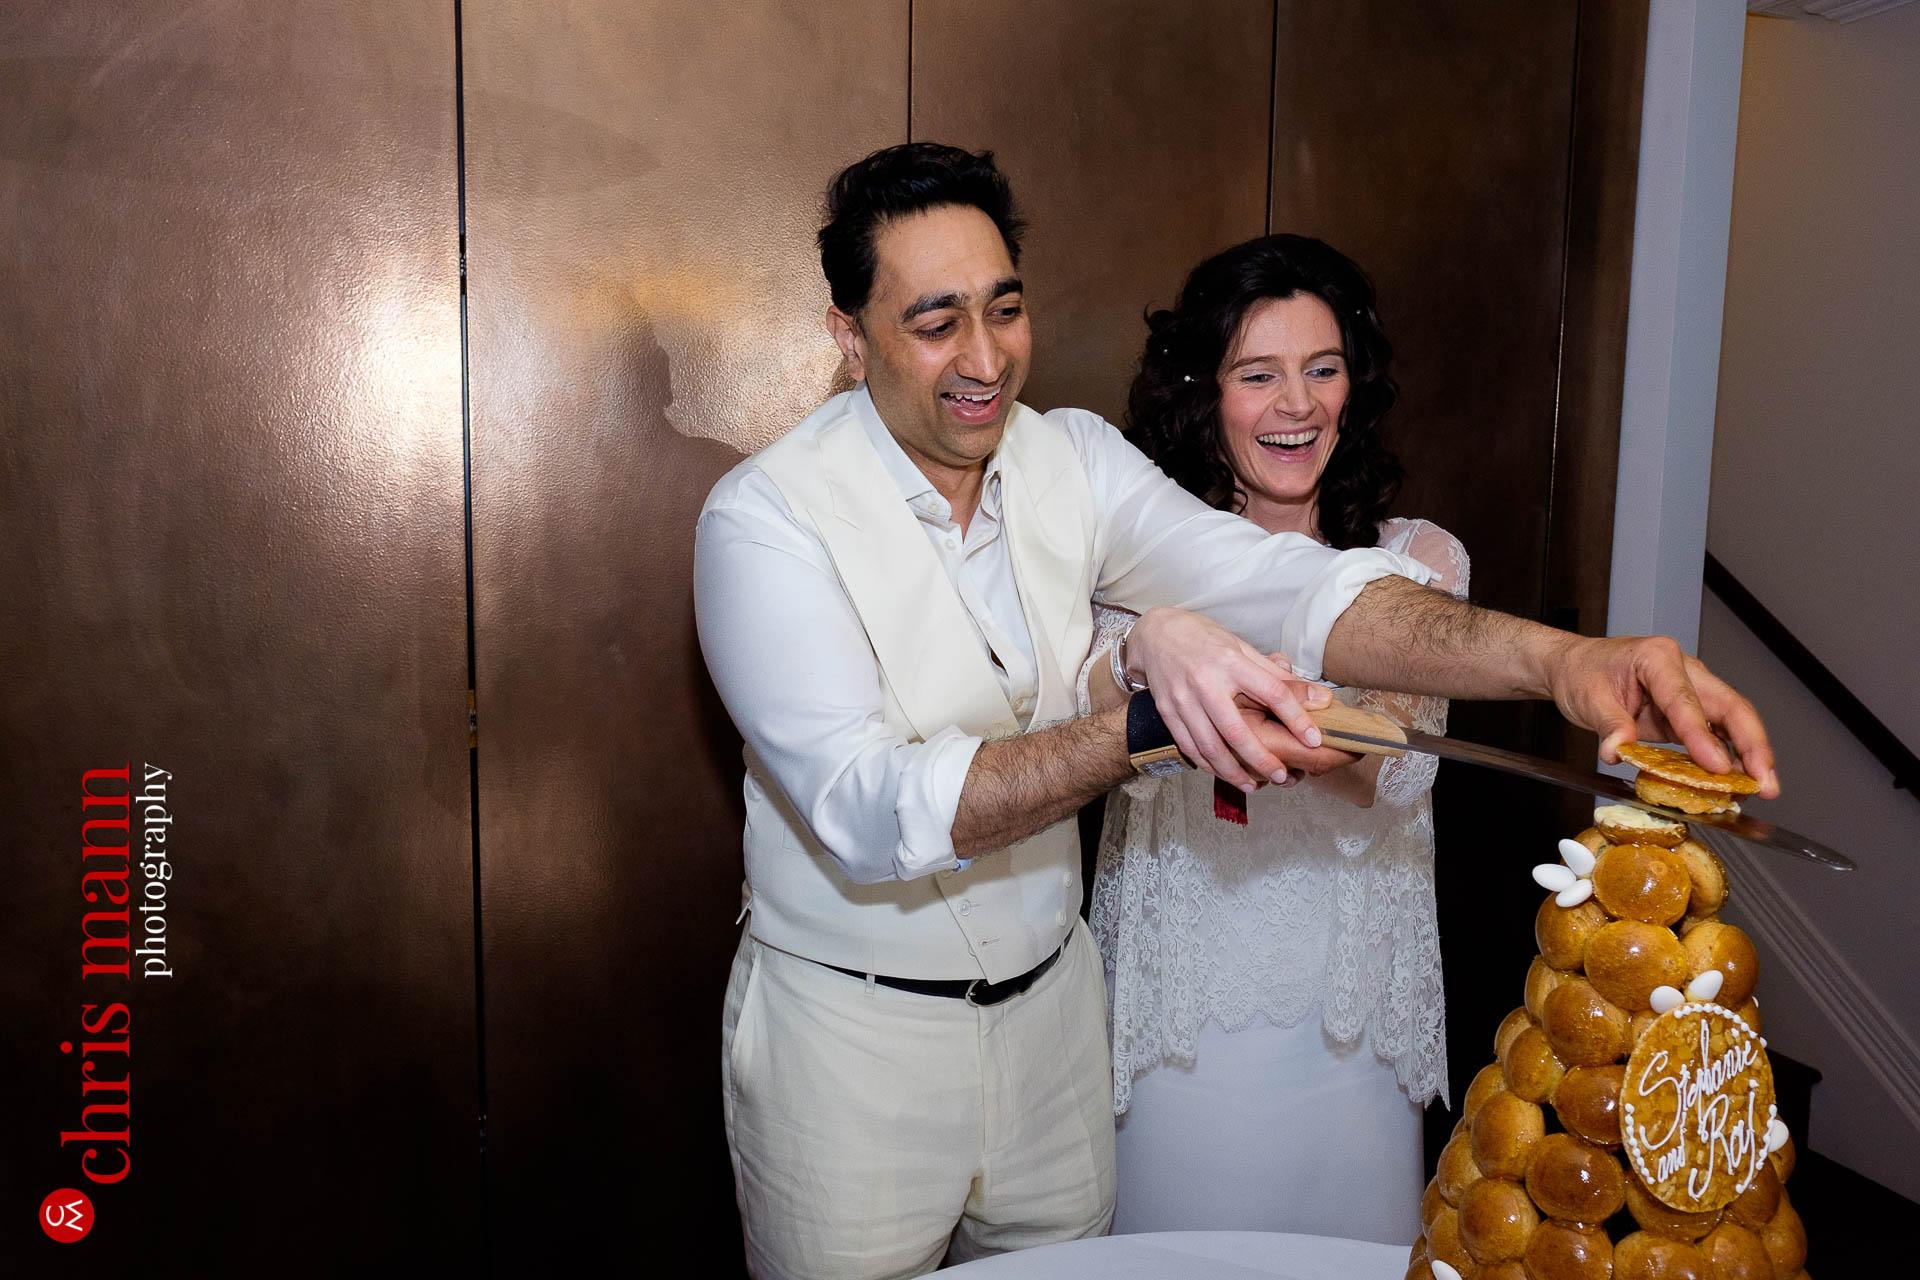 cake cutting wedding reception Arts Club Mayfair London W1